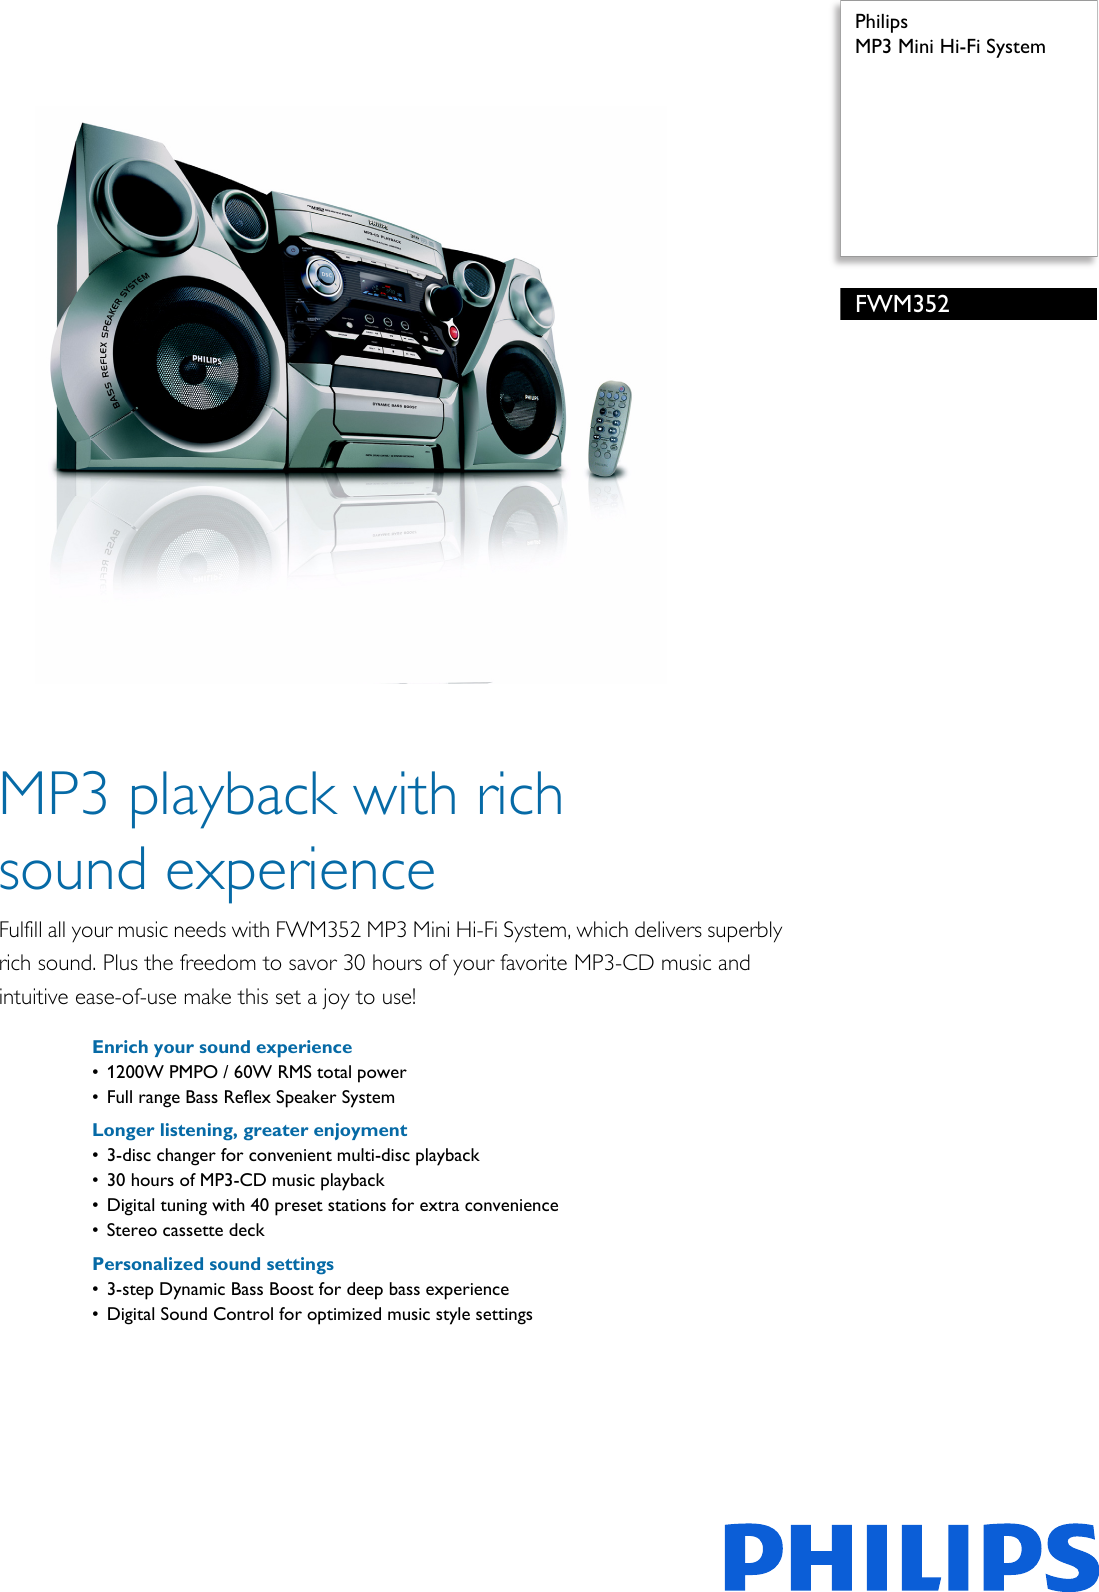 fc8733f2ad4 Philips FWM352/79 MP3 Mini Hi Fi System Leaflet Fwm352 79 Pss